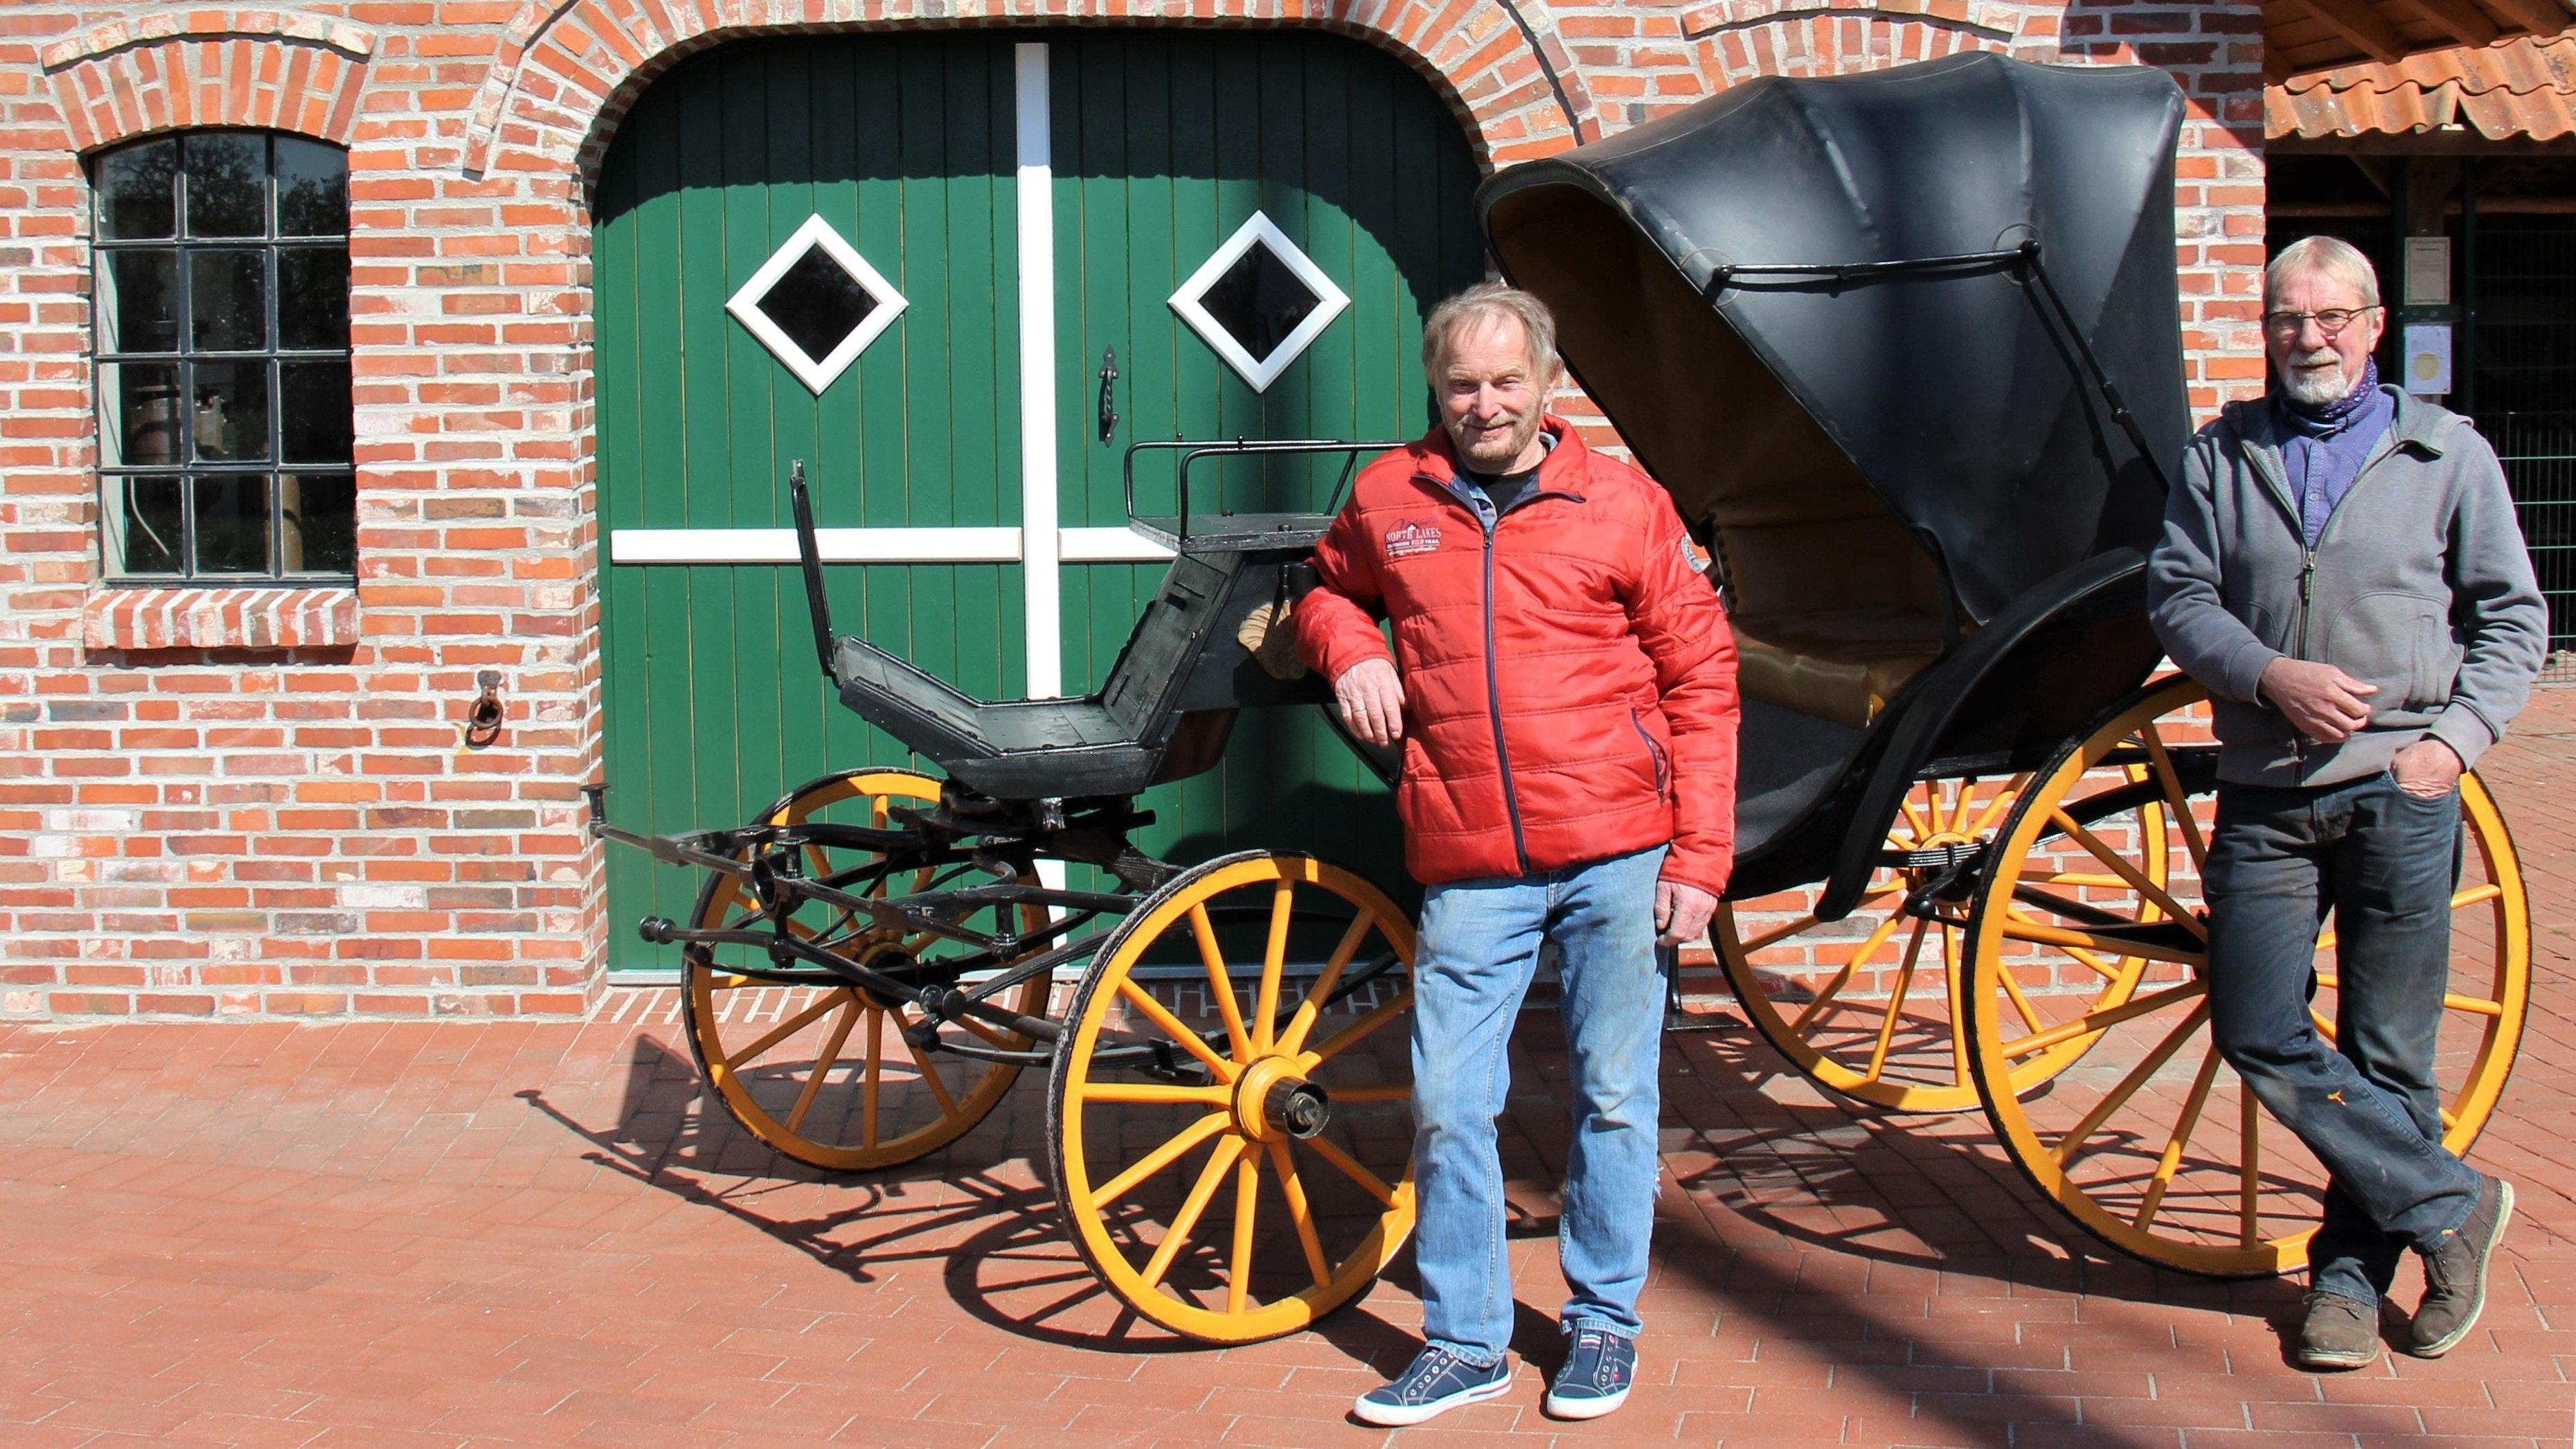 Neuzugang: Hans Deeken (links) vermittelte die Viktoriakutsche an die Dorfgemeinschaft, Hans Luker engagierte sich bei der Aufarbeitung des Museumsstückes. Foto: Funke